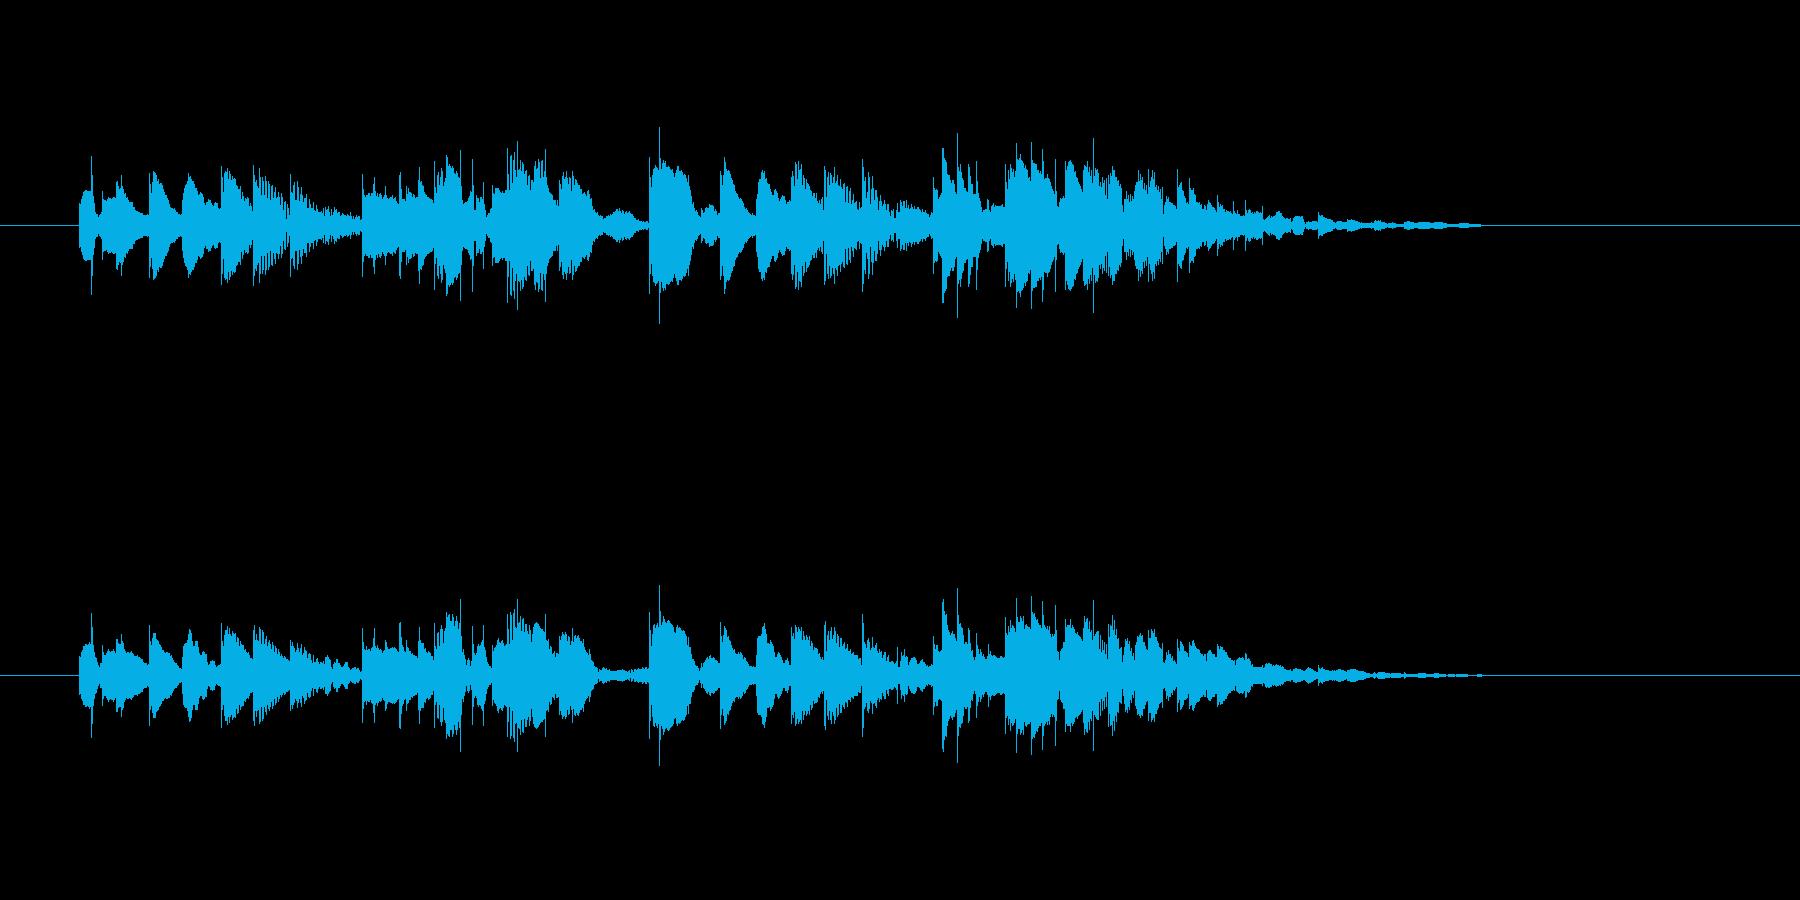 軽やかなマリンバのメロディーの再生済みの波形